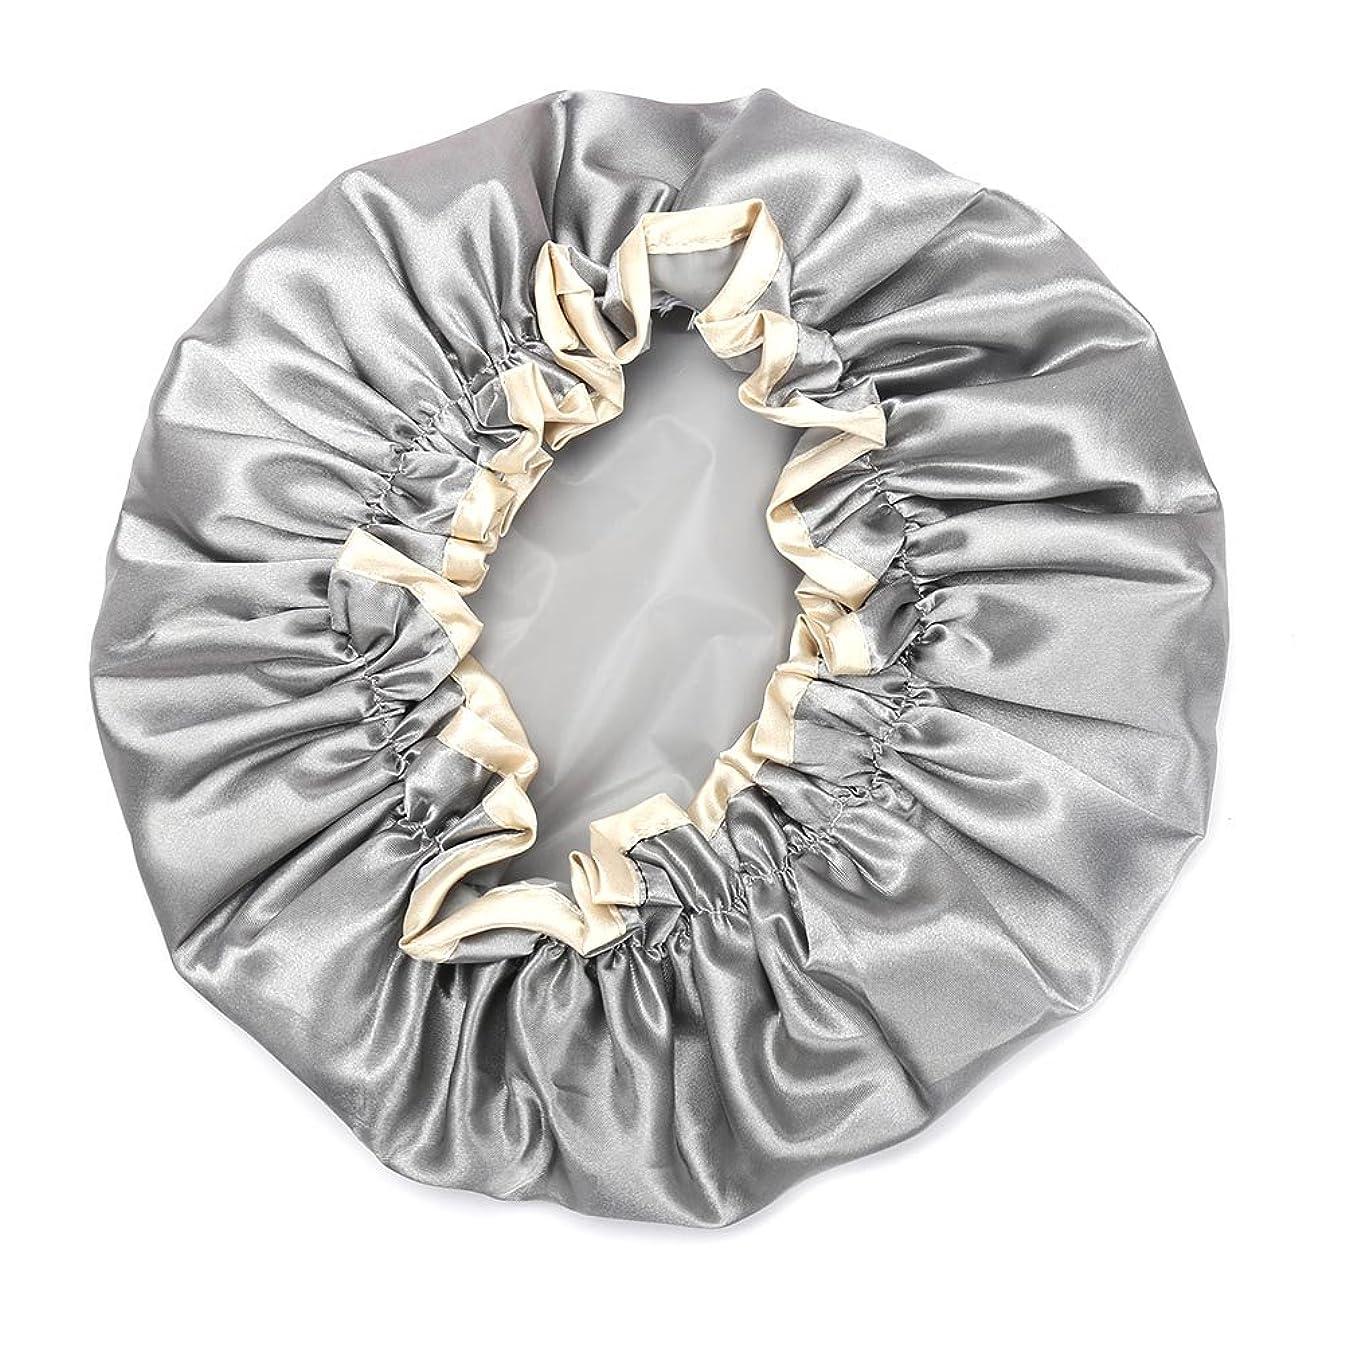 トリッキー豚肉変換するHitchlike シャワーキャップ ヘアキャップ ヘアーキャップ ヘアーターバン 入浴キャップ 帽子 お風呂、シャワー用に 浴用帽子 便利 女性の弾性の防水入浴シャワーキャップ再使用可能なサロンの髪を保護する帽子